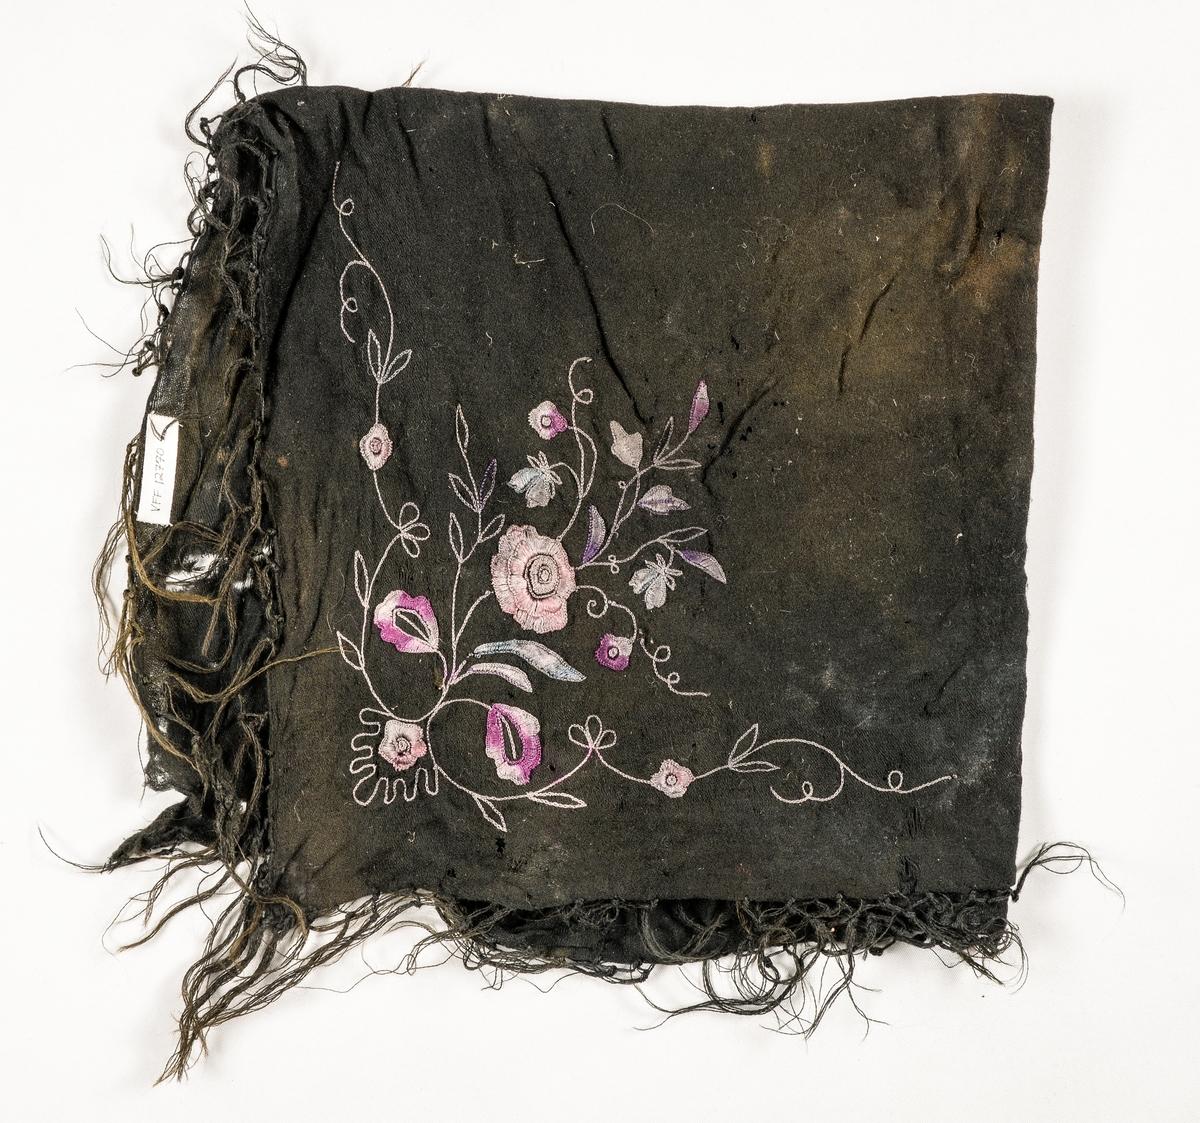 Tørkle i svart ullmusselin. Brodert blomstermotiv i to fiolette fargar, blått og rosa i eine hjørnet. Falda på to sider, jarekant på dei to andre. Påsette knytta ullfrynser.